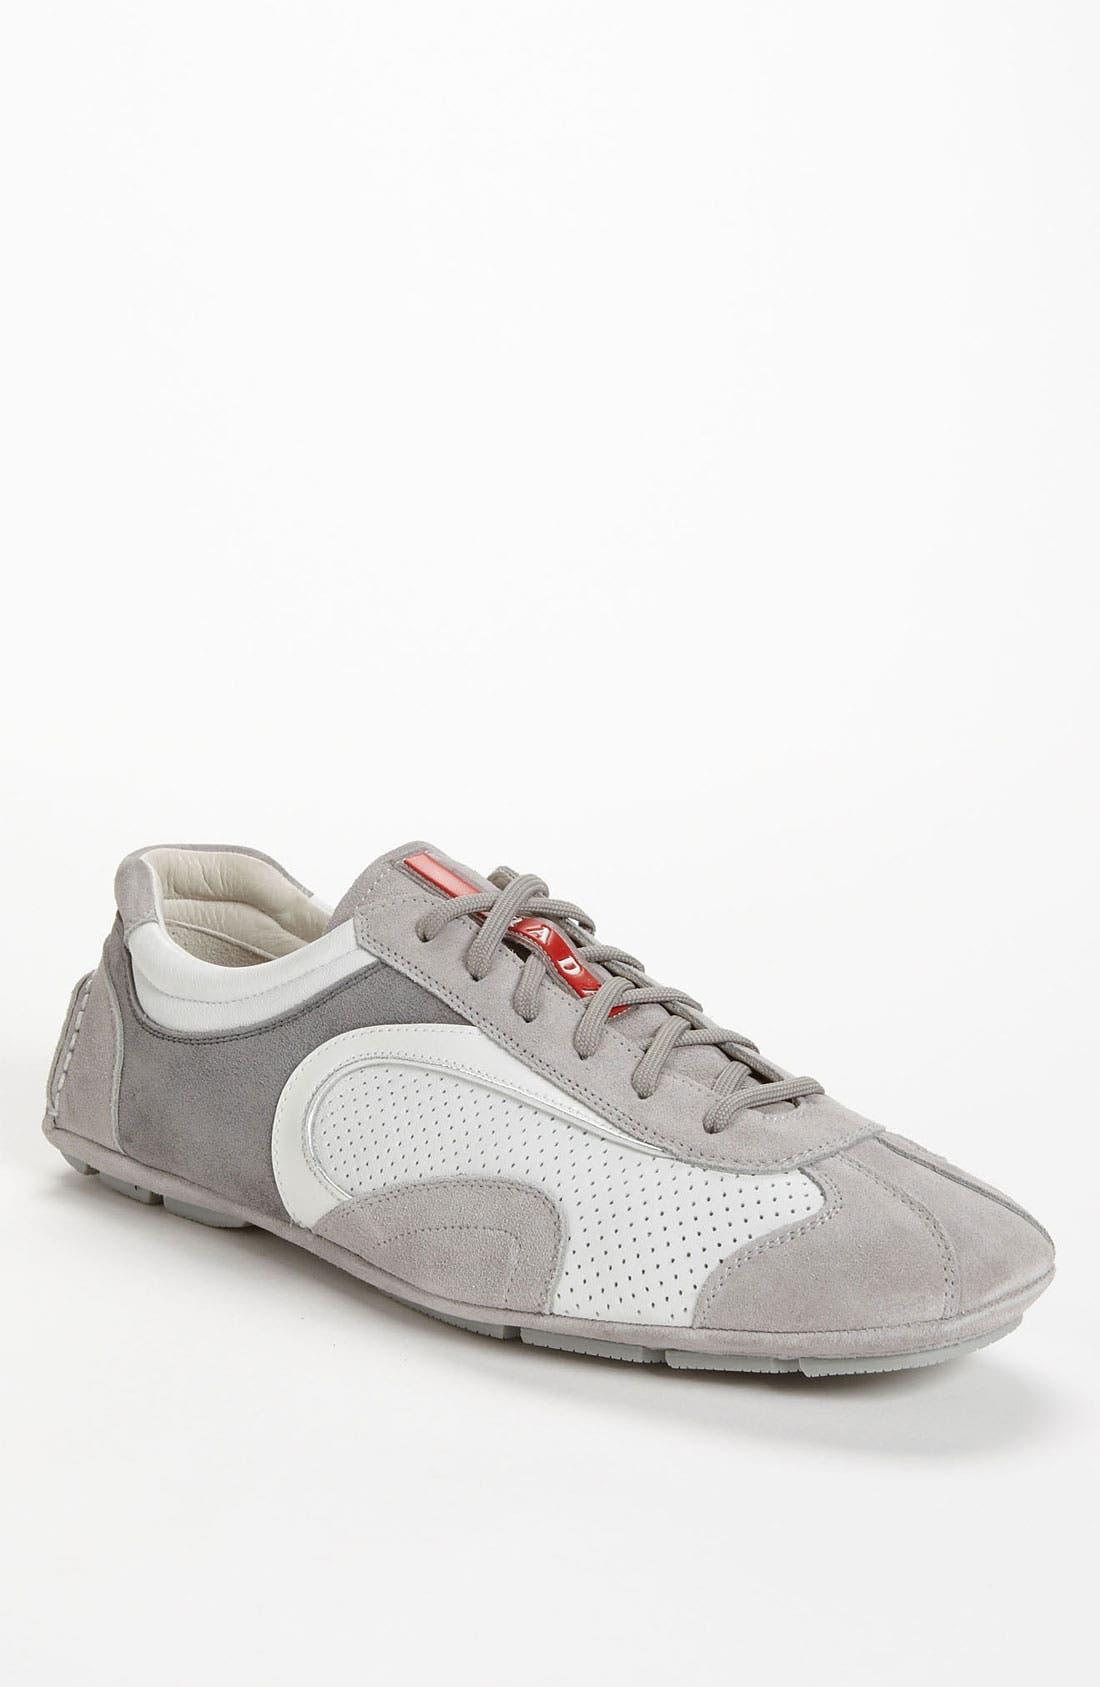 Main Image - Prada 'Euro' Sneaker